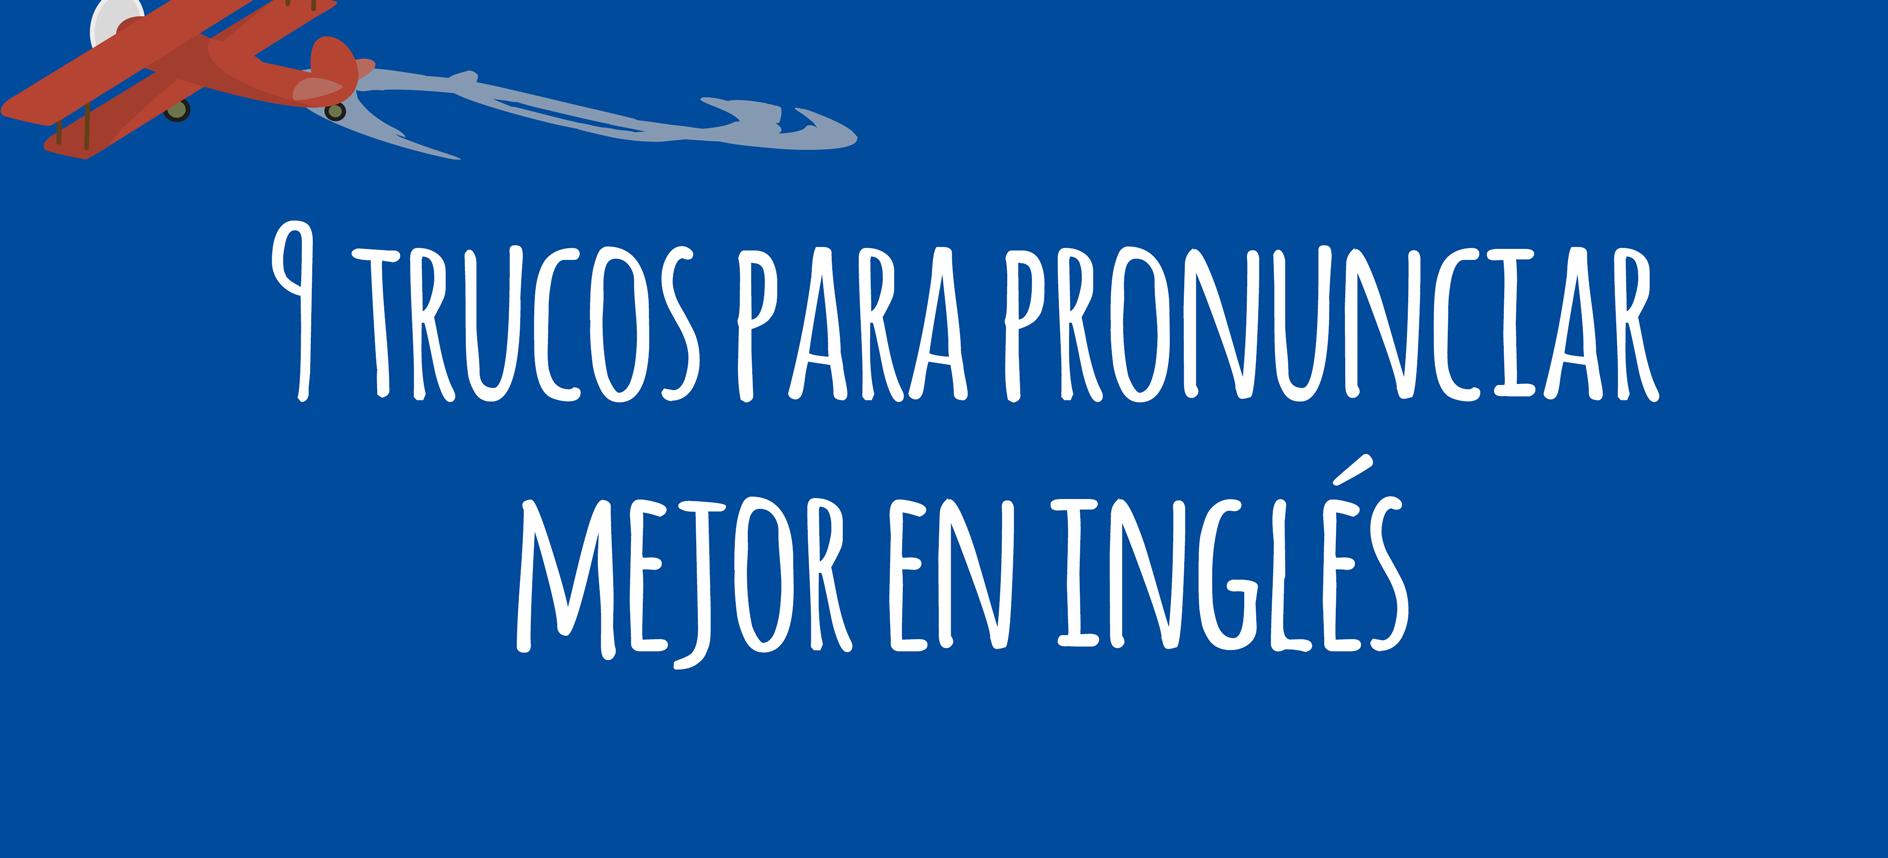 9 trucos pronunciar mejor en ingles